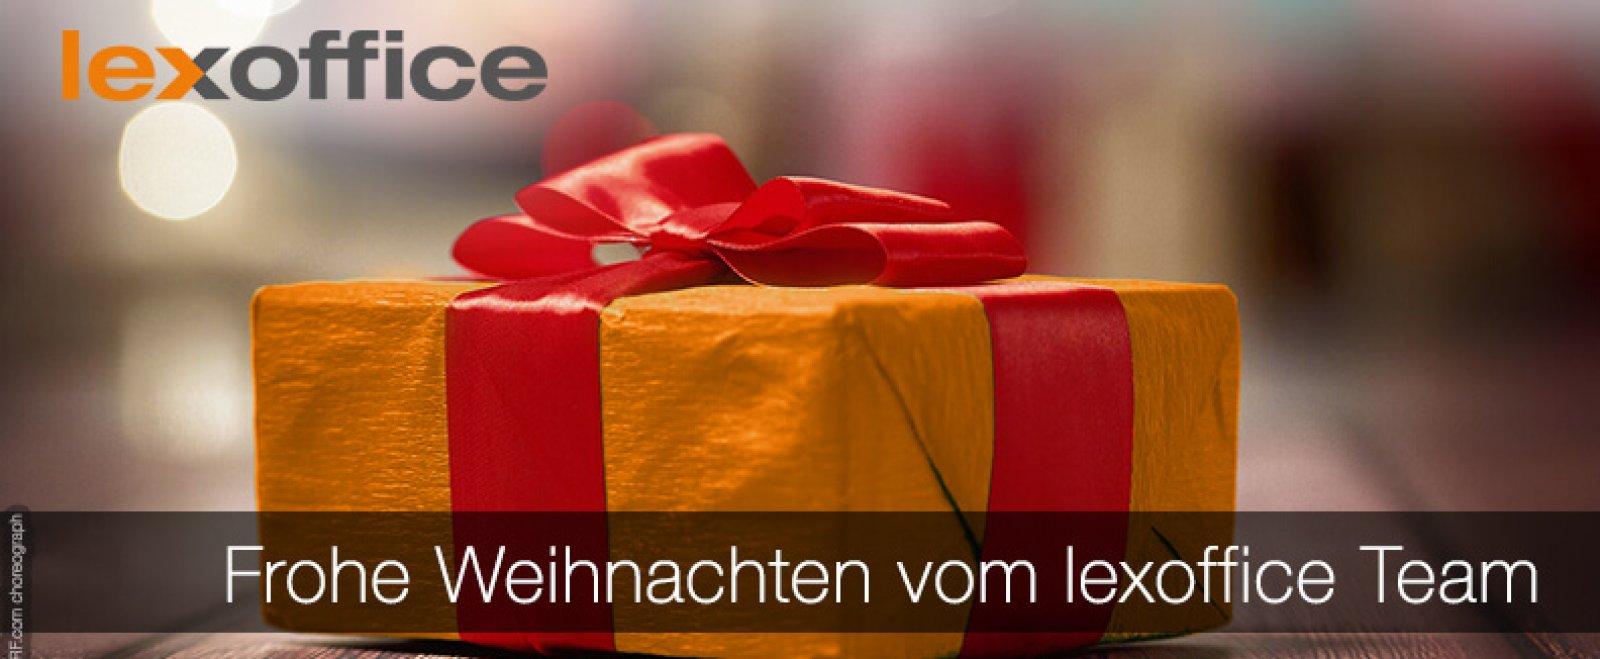 Geniale Weihnachten wünscht das lexoffice Team :-)